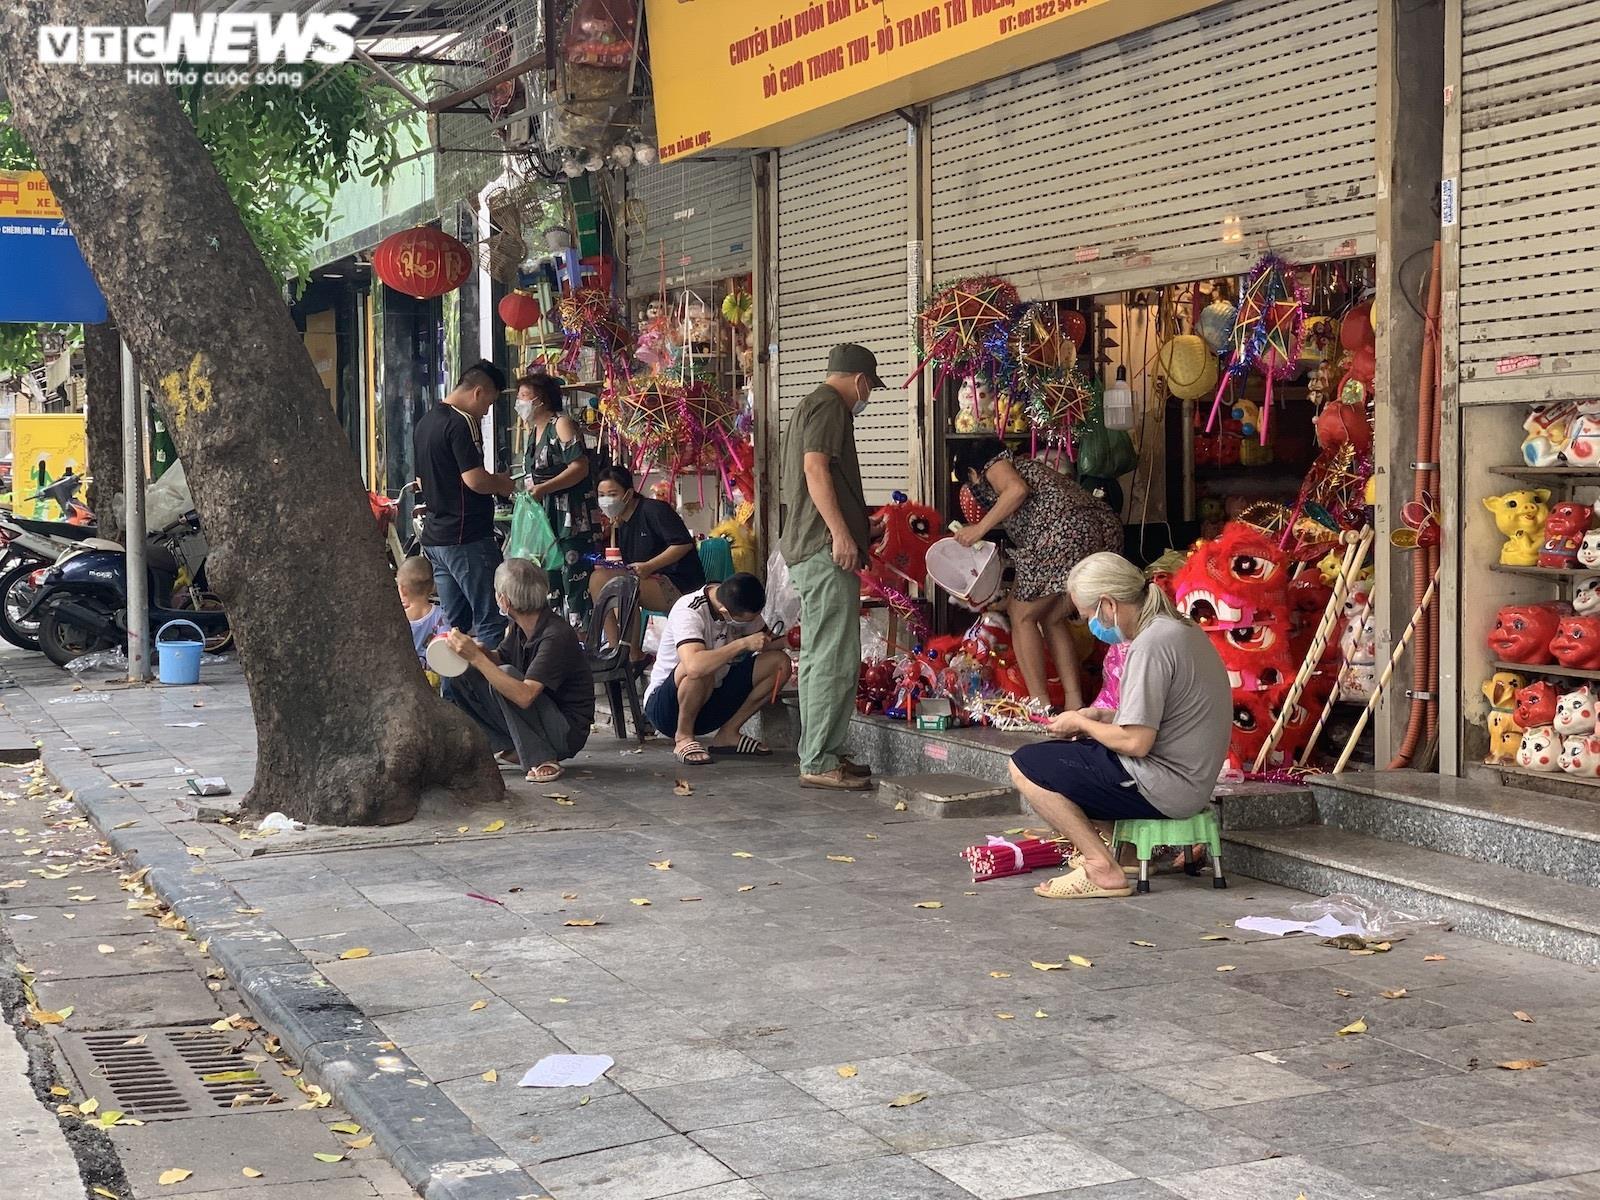 Cảnh bán đồ chơi trung thu lạ đời ở Hà Nội - 13